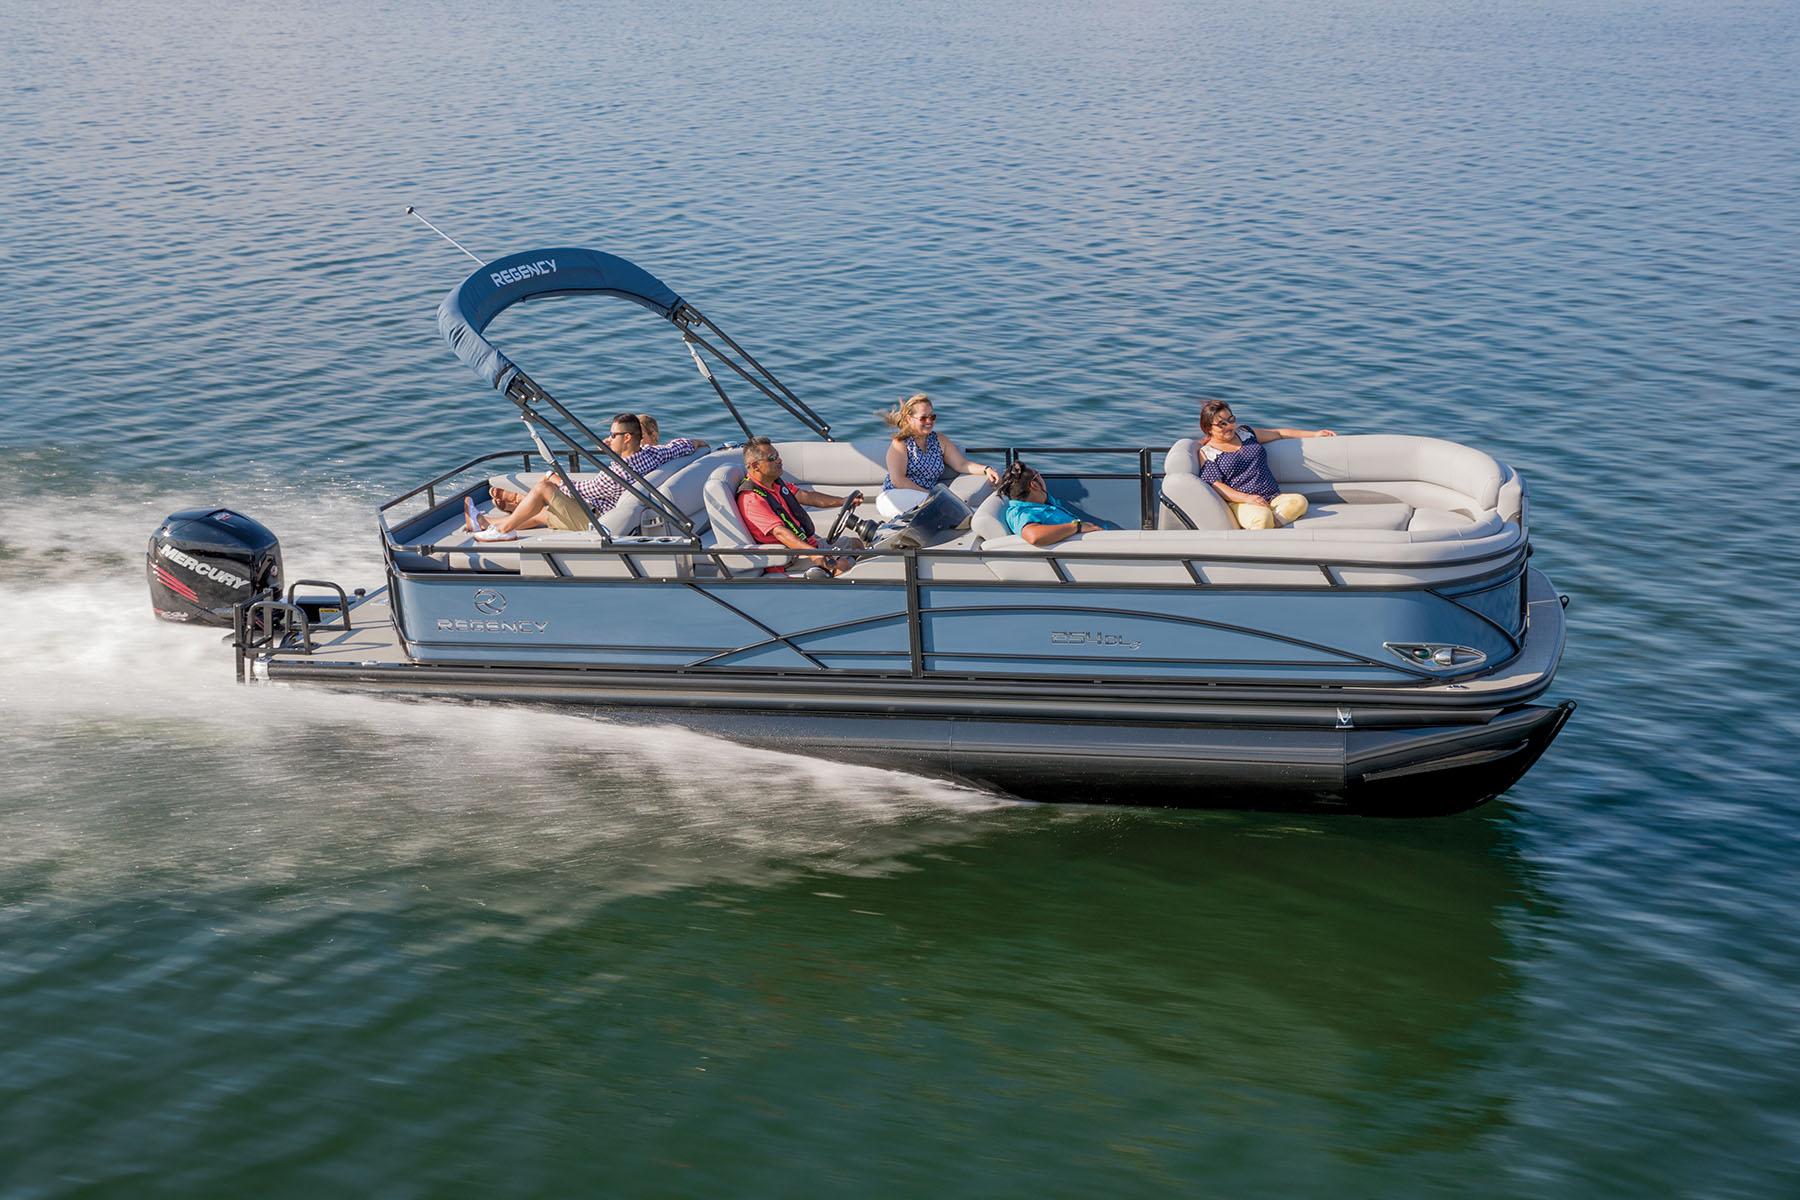 ポンツーンボート REGENCY SUNTRACKER 販売 正規ディーラー